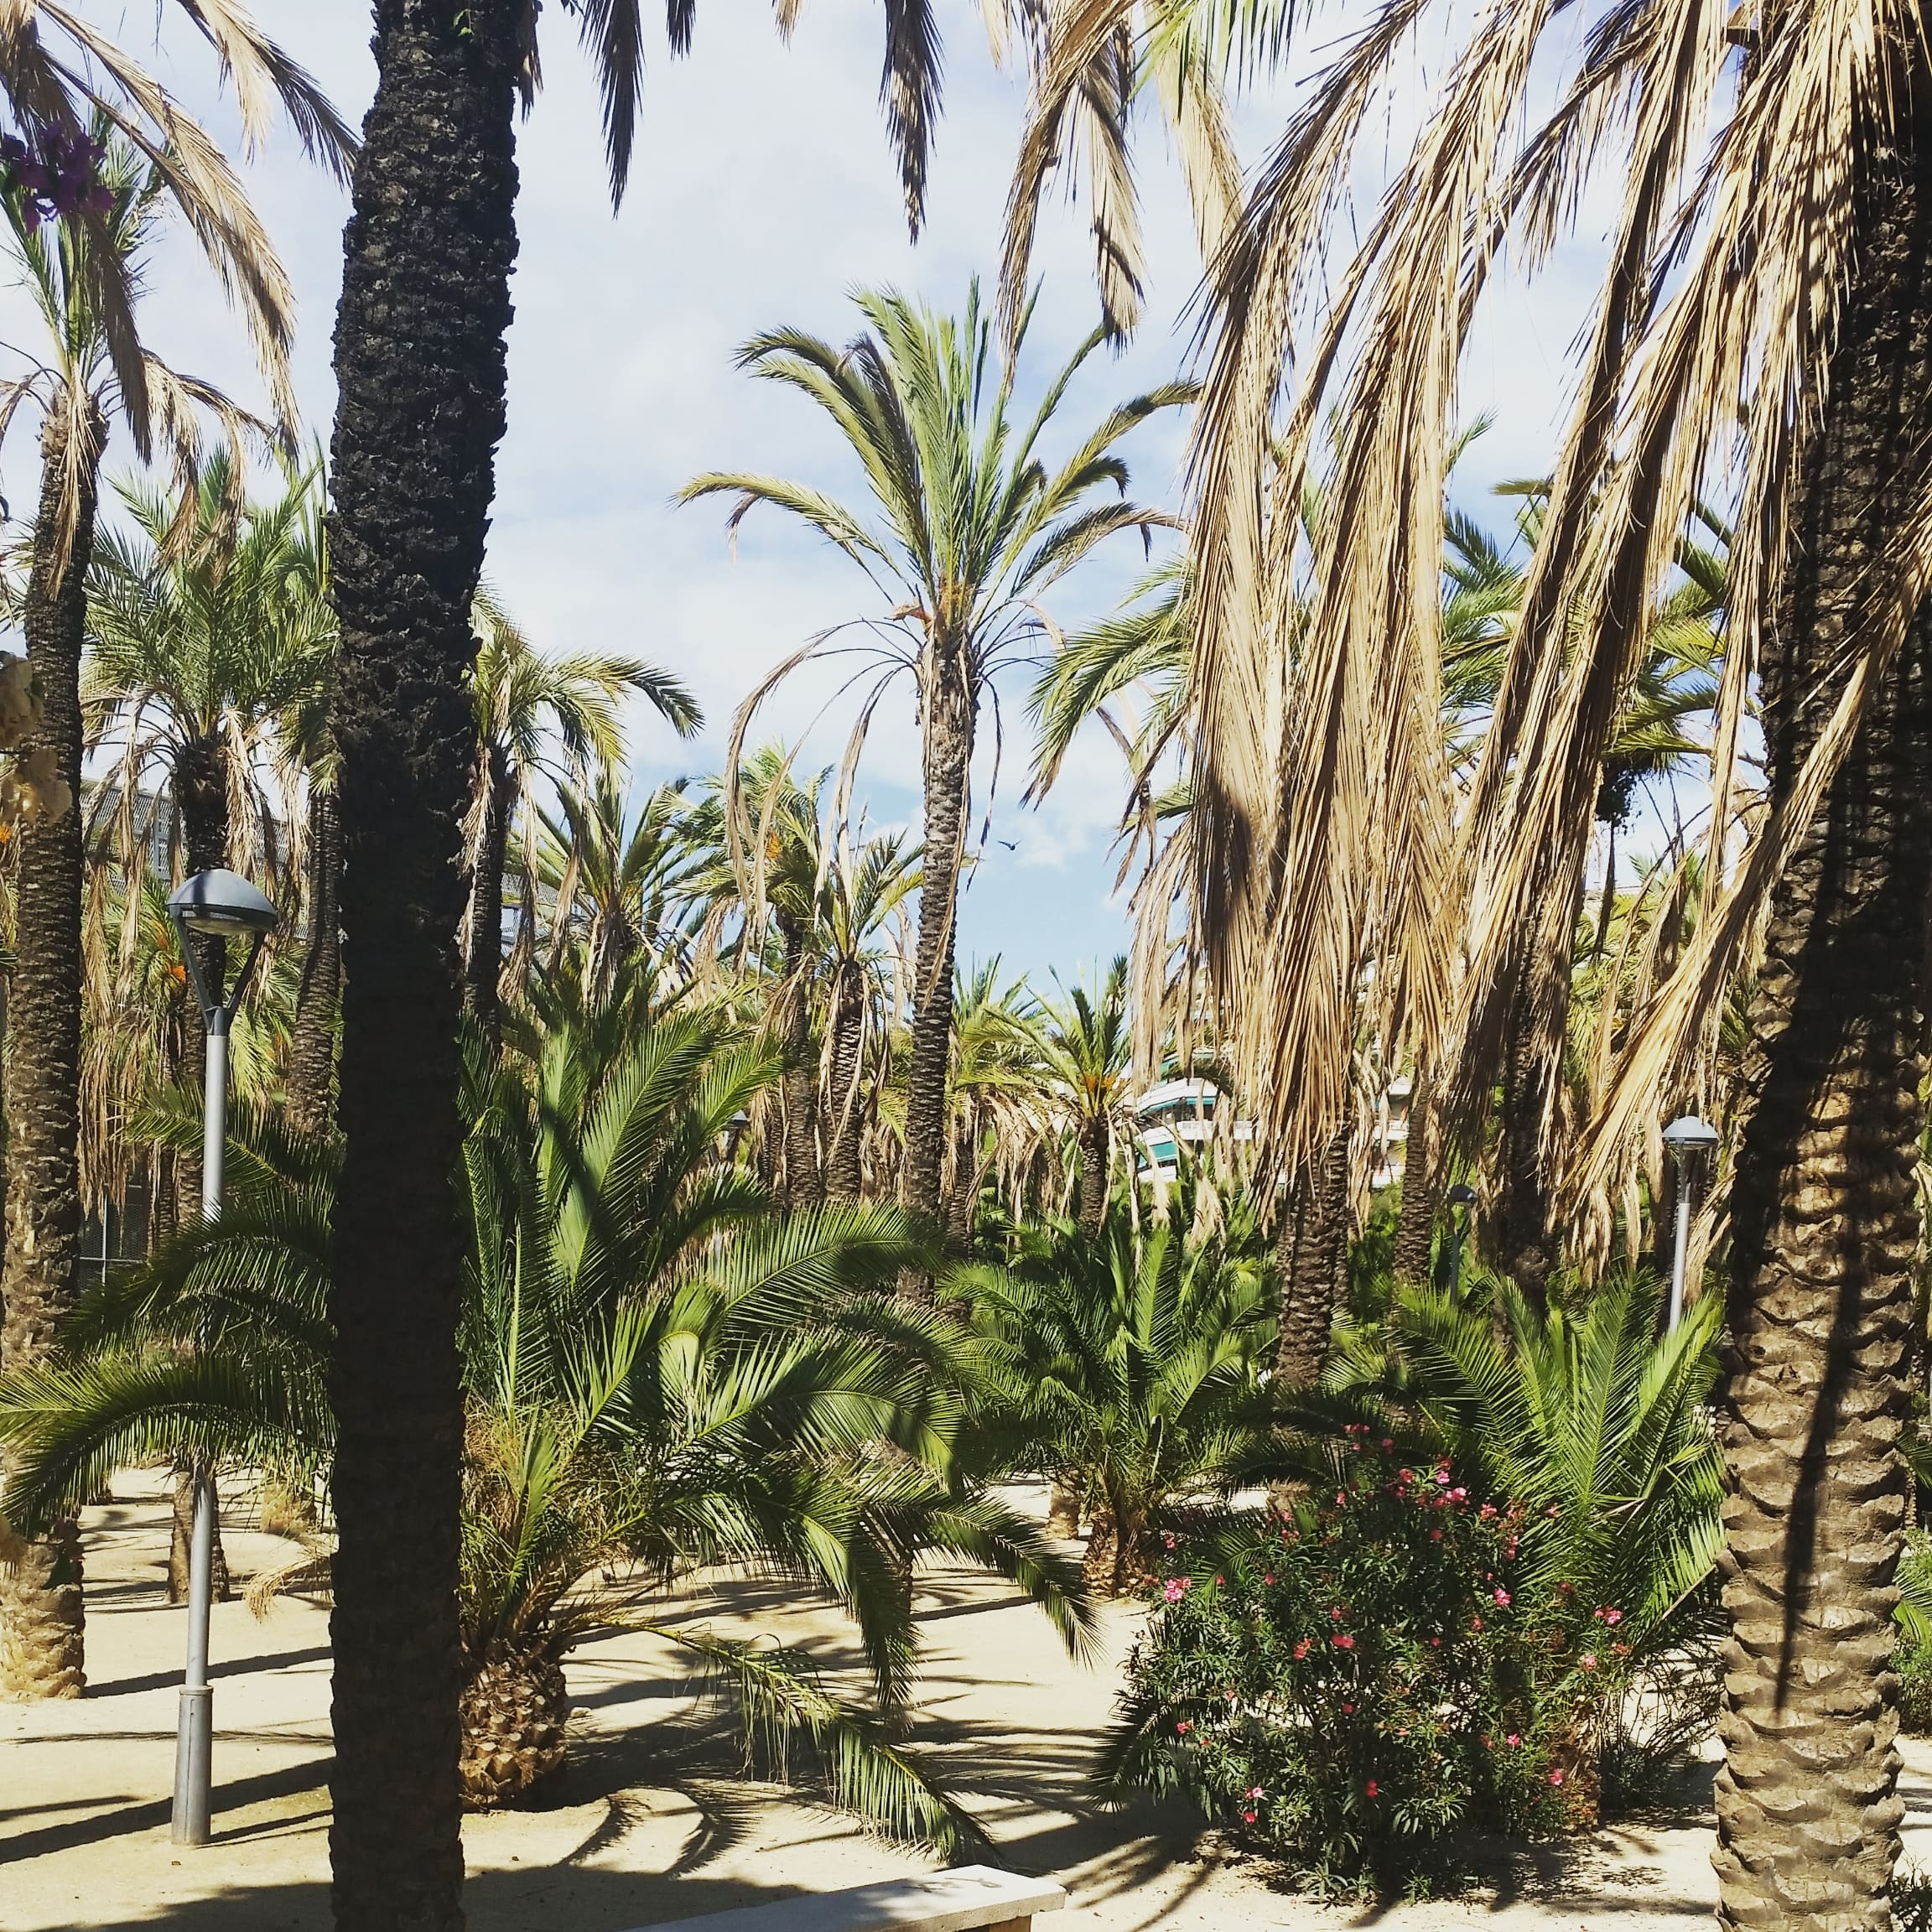 Parque de Joan Miró